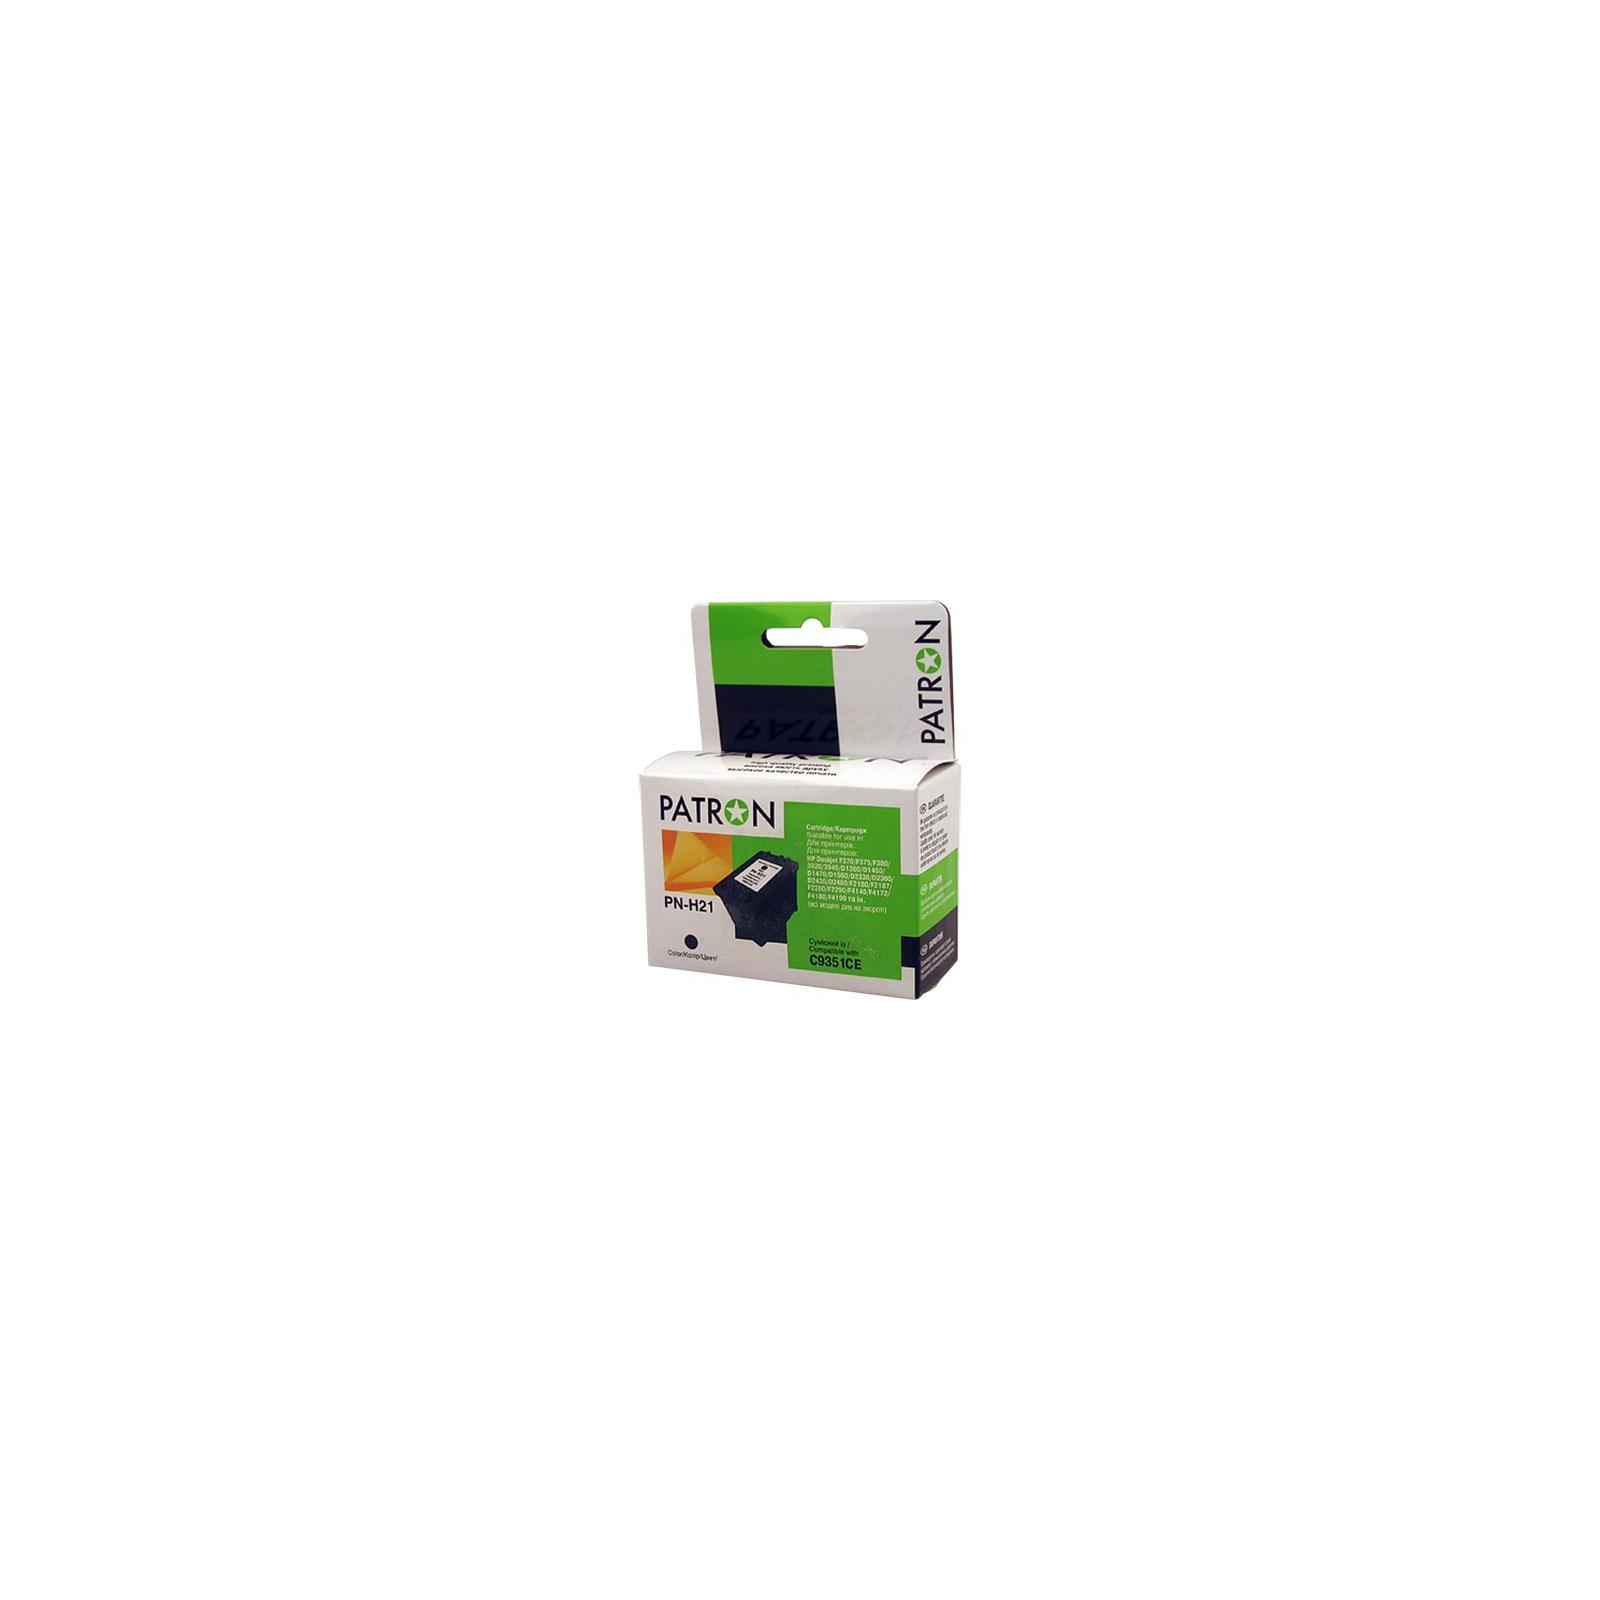 Картридж PATRON для HP PN-H21 BLACK (C9351CE) (CI-HP-C9351CE-B-PN)